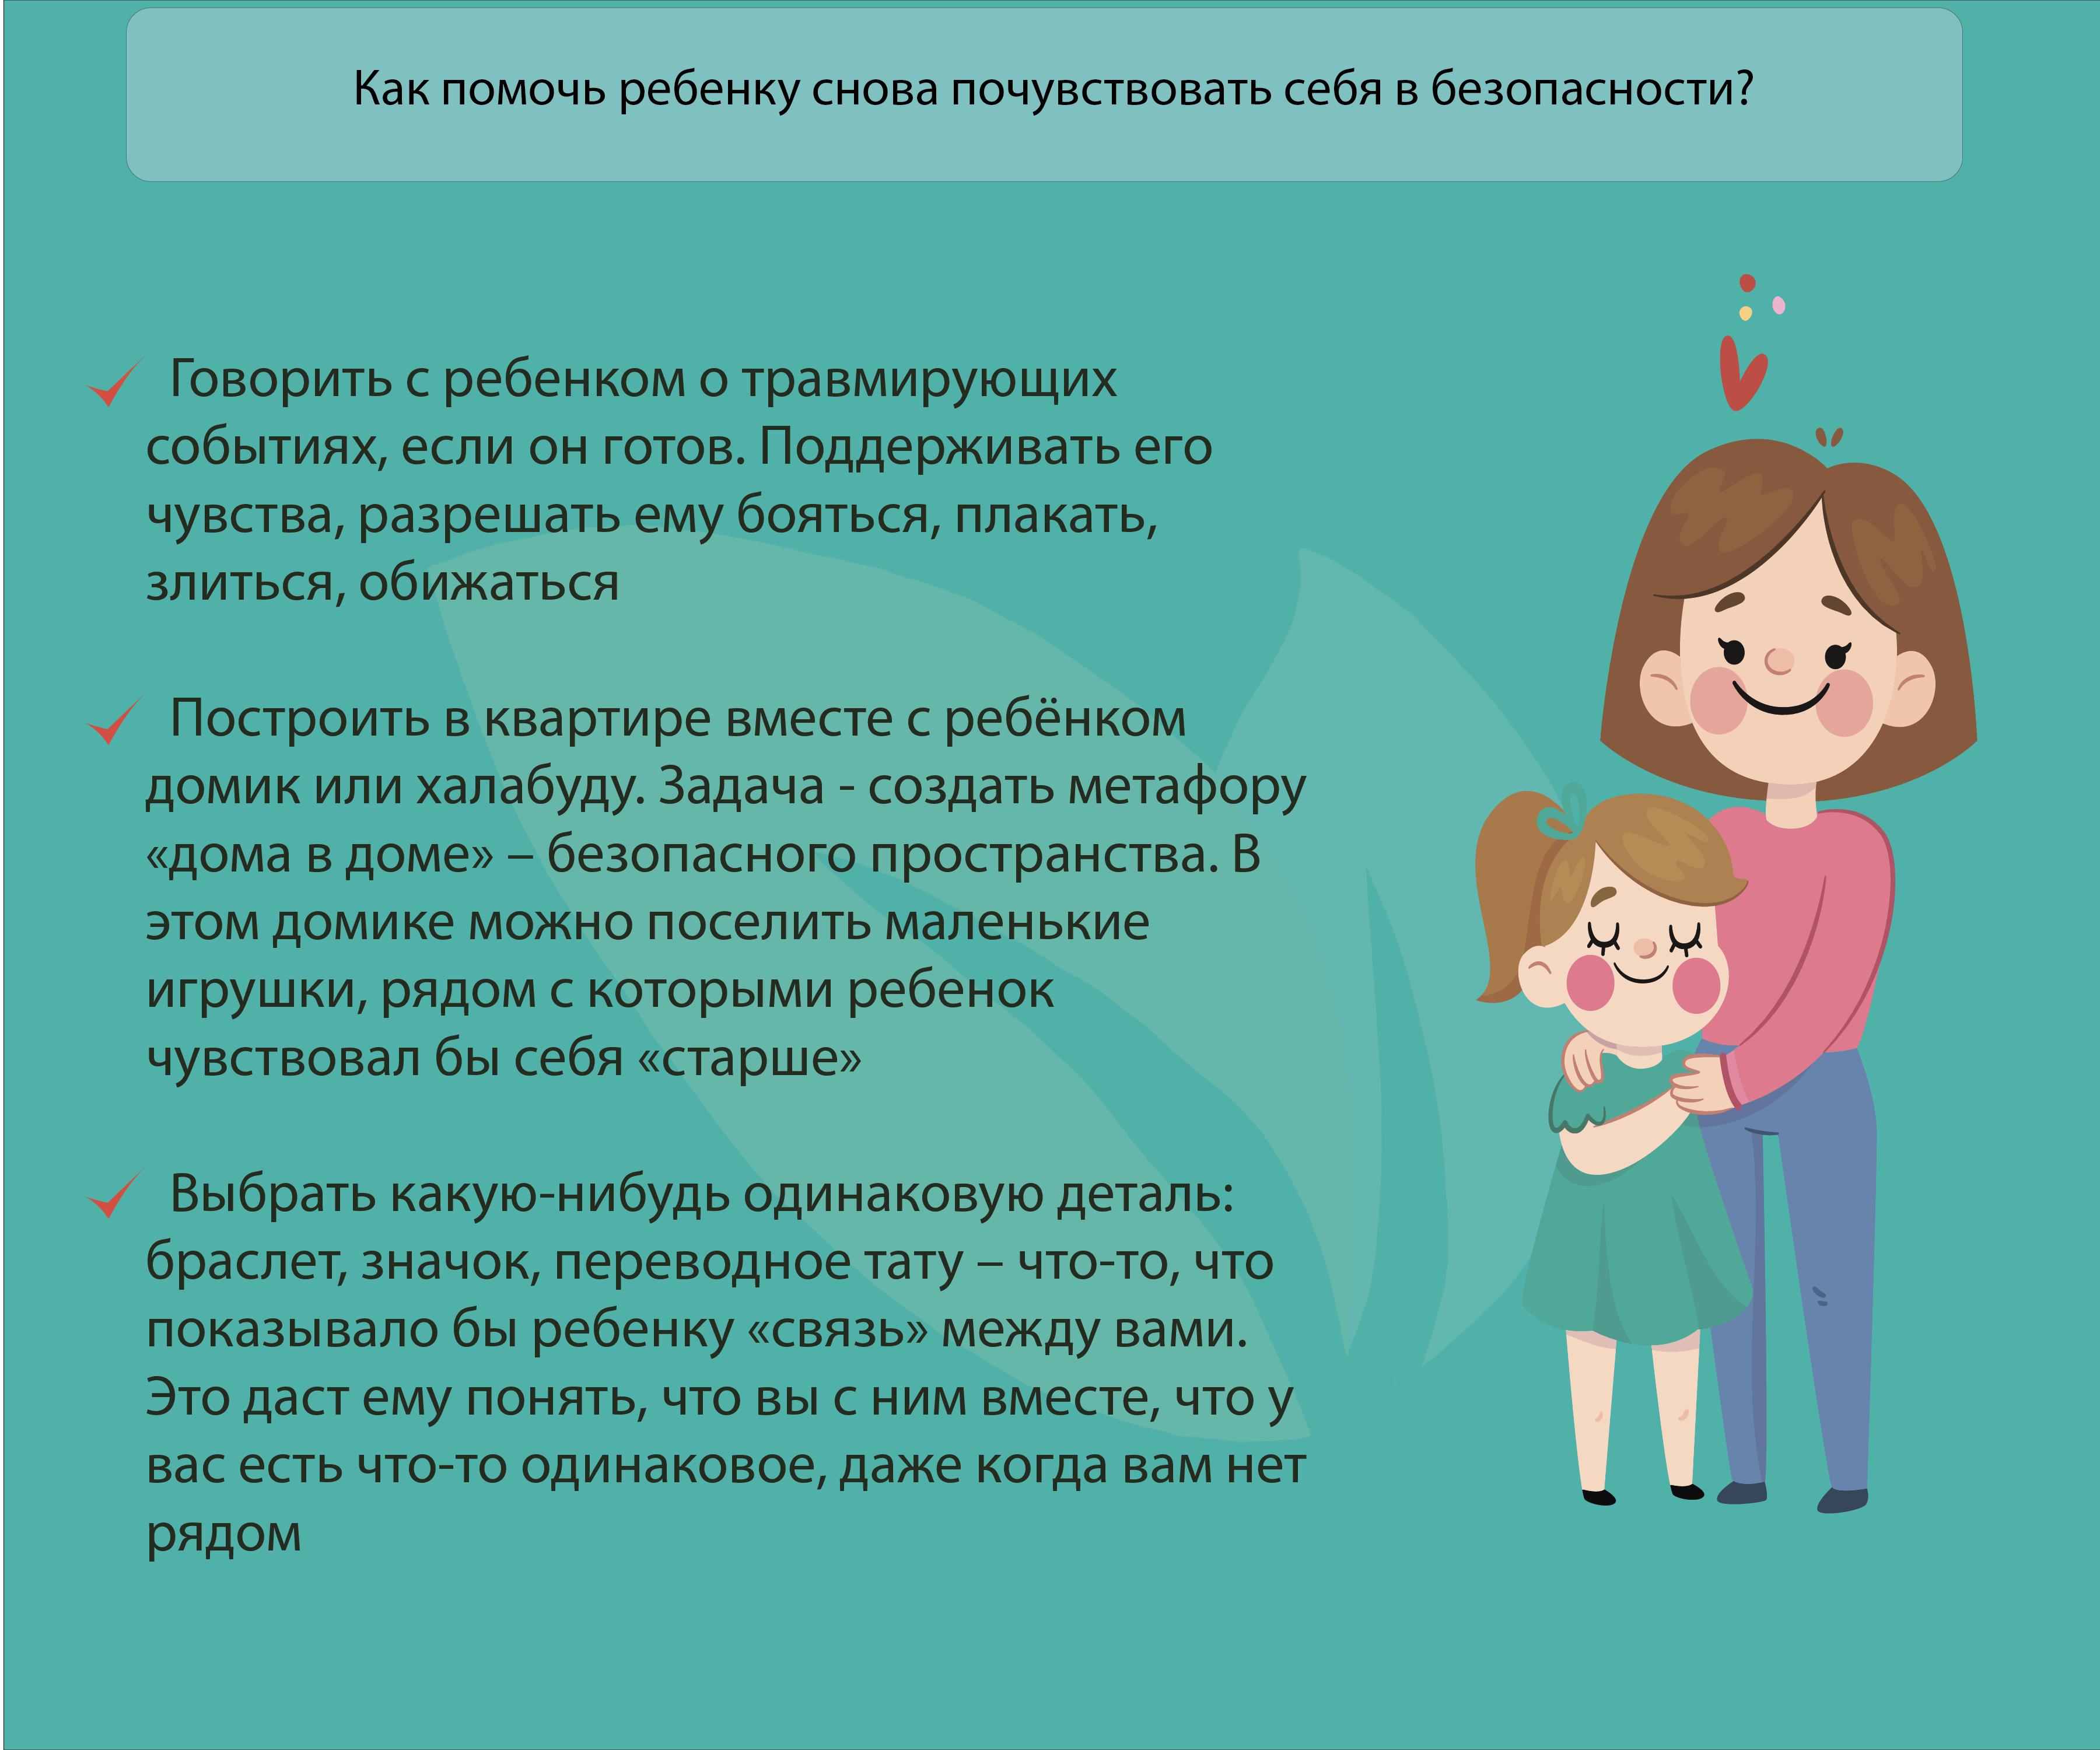 3 Как помочь ребенку снова почувствовать себя в безопасности 1